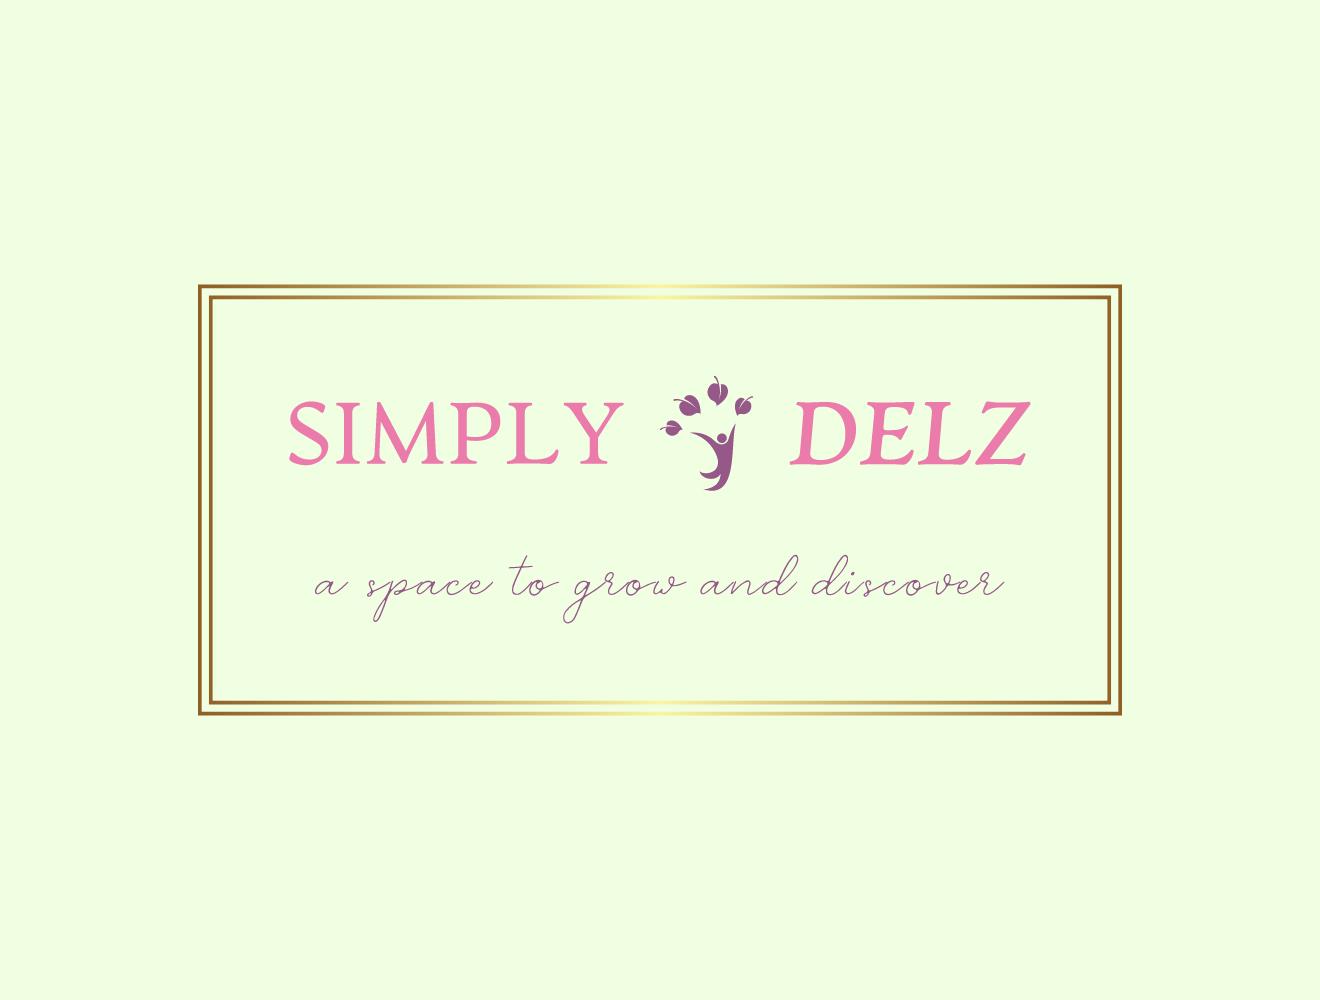 Simply Delz